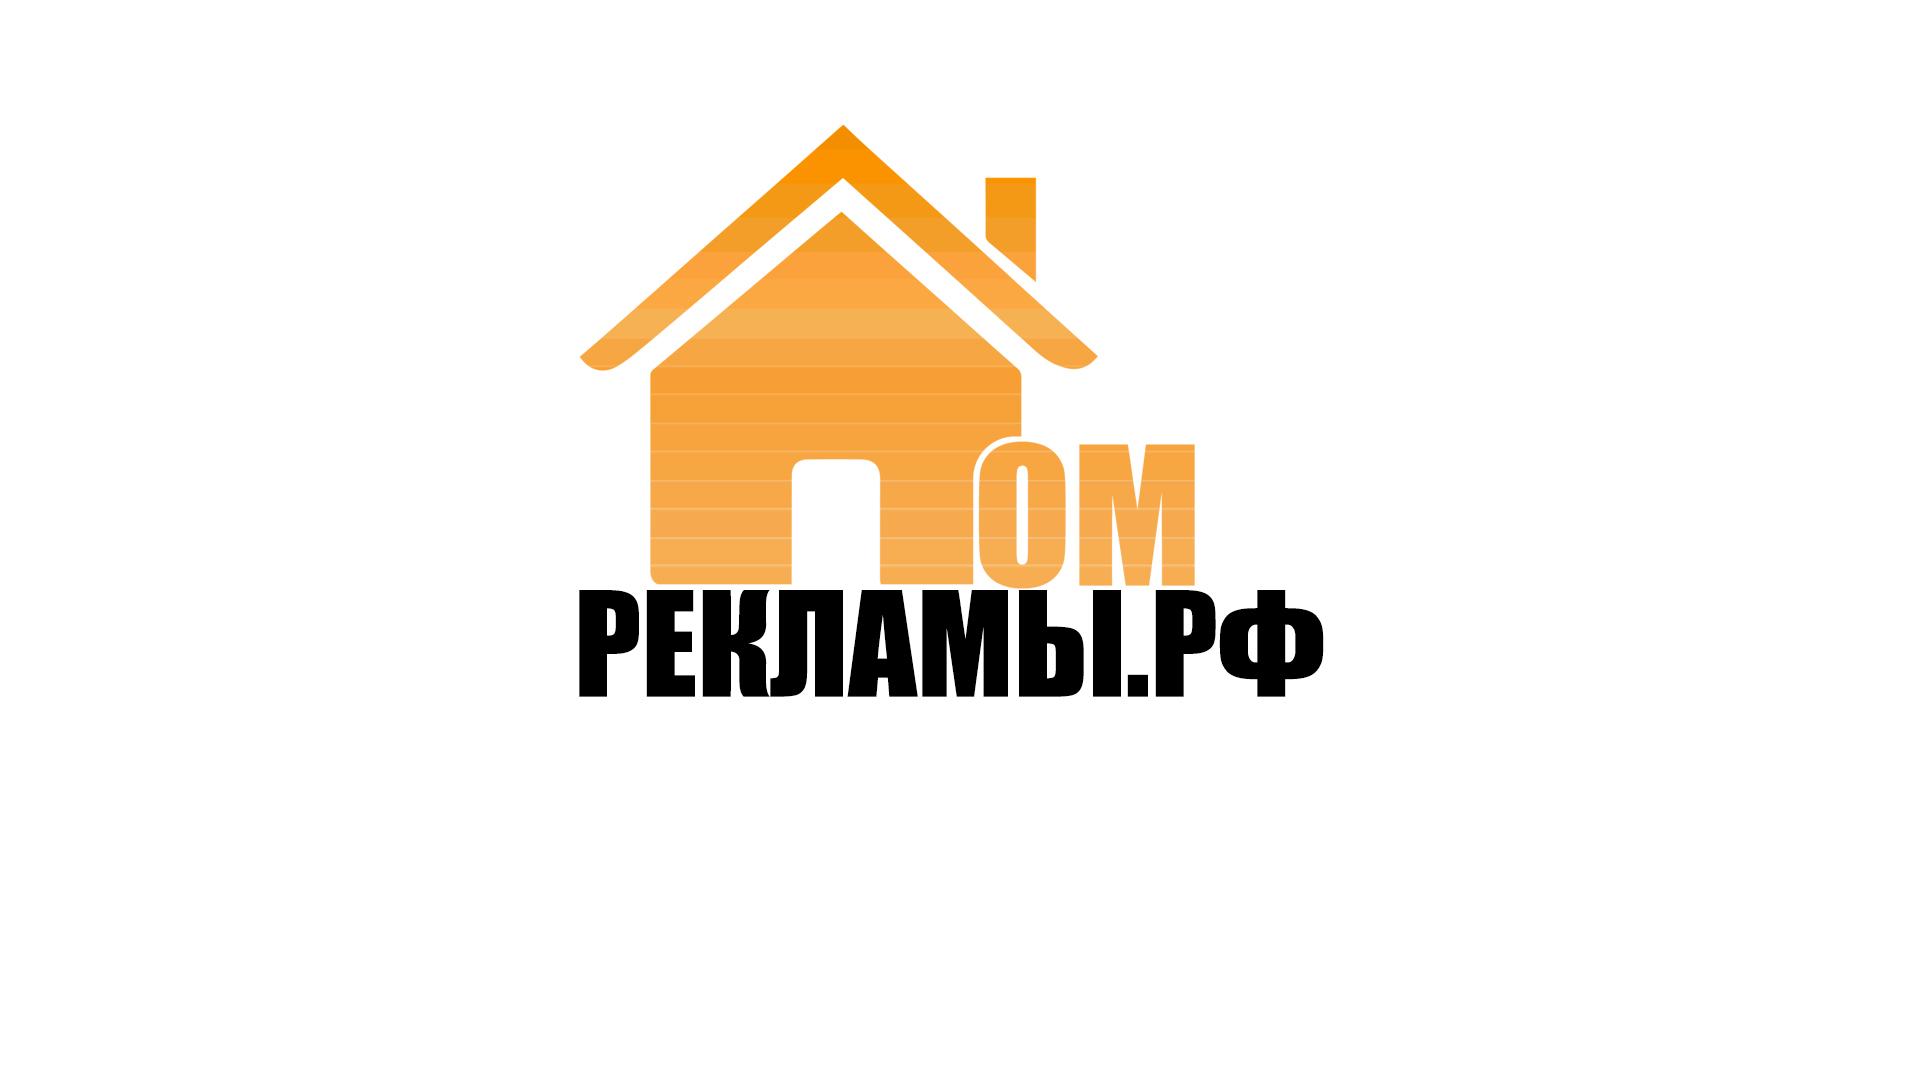 Дизайн логотипа рекламно-производственной компании фото f_0495ee0fd854e661.jpg